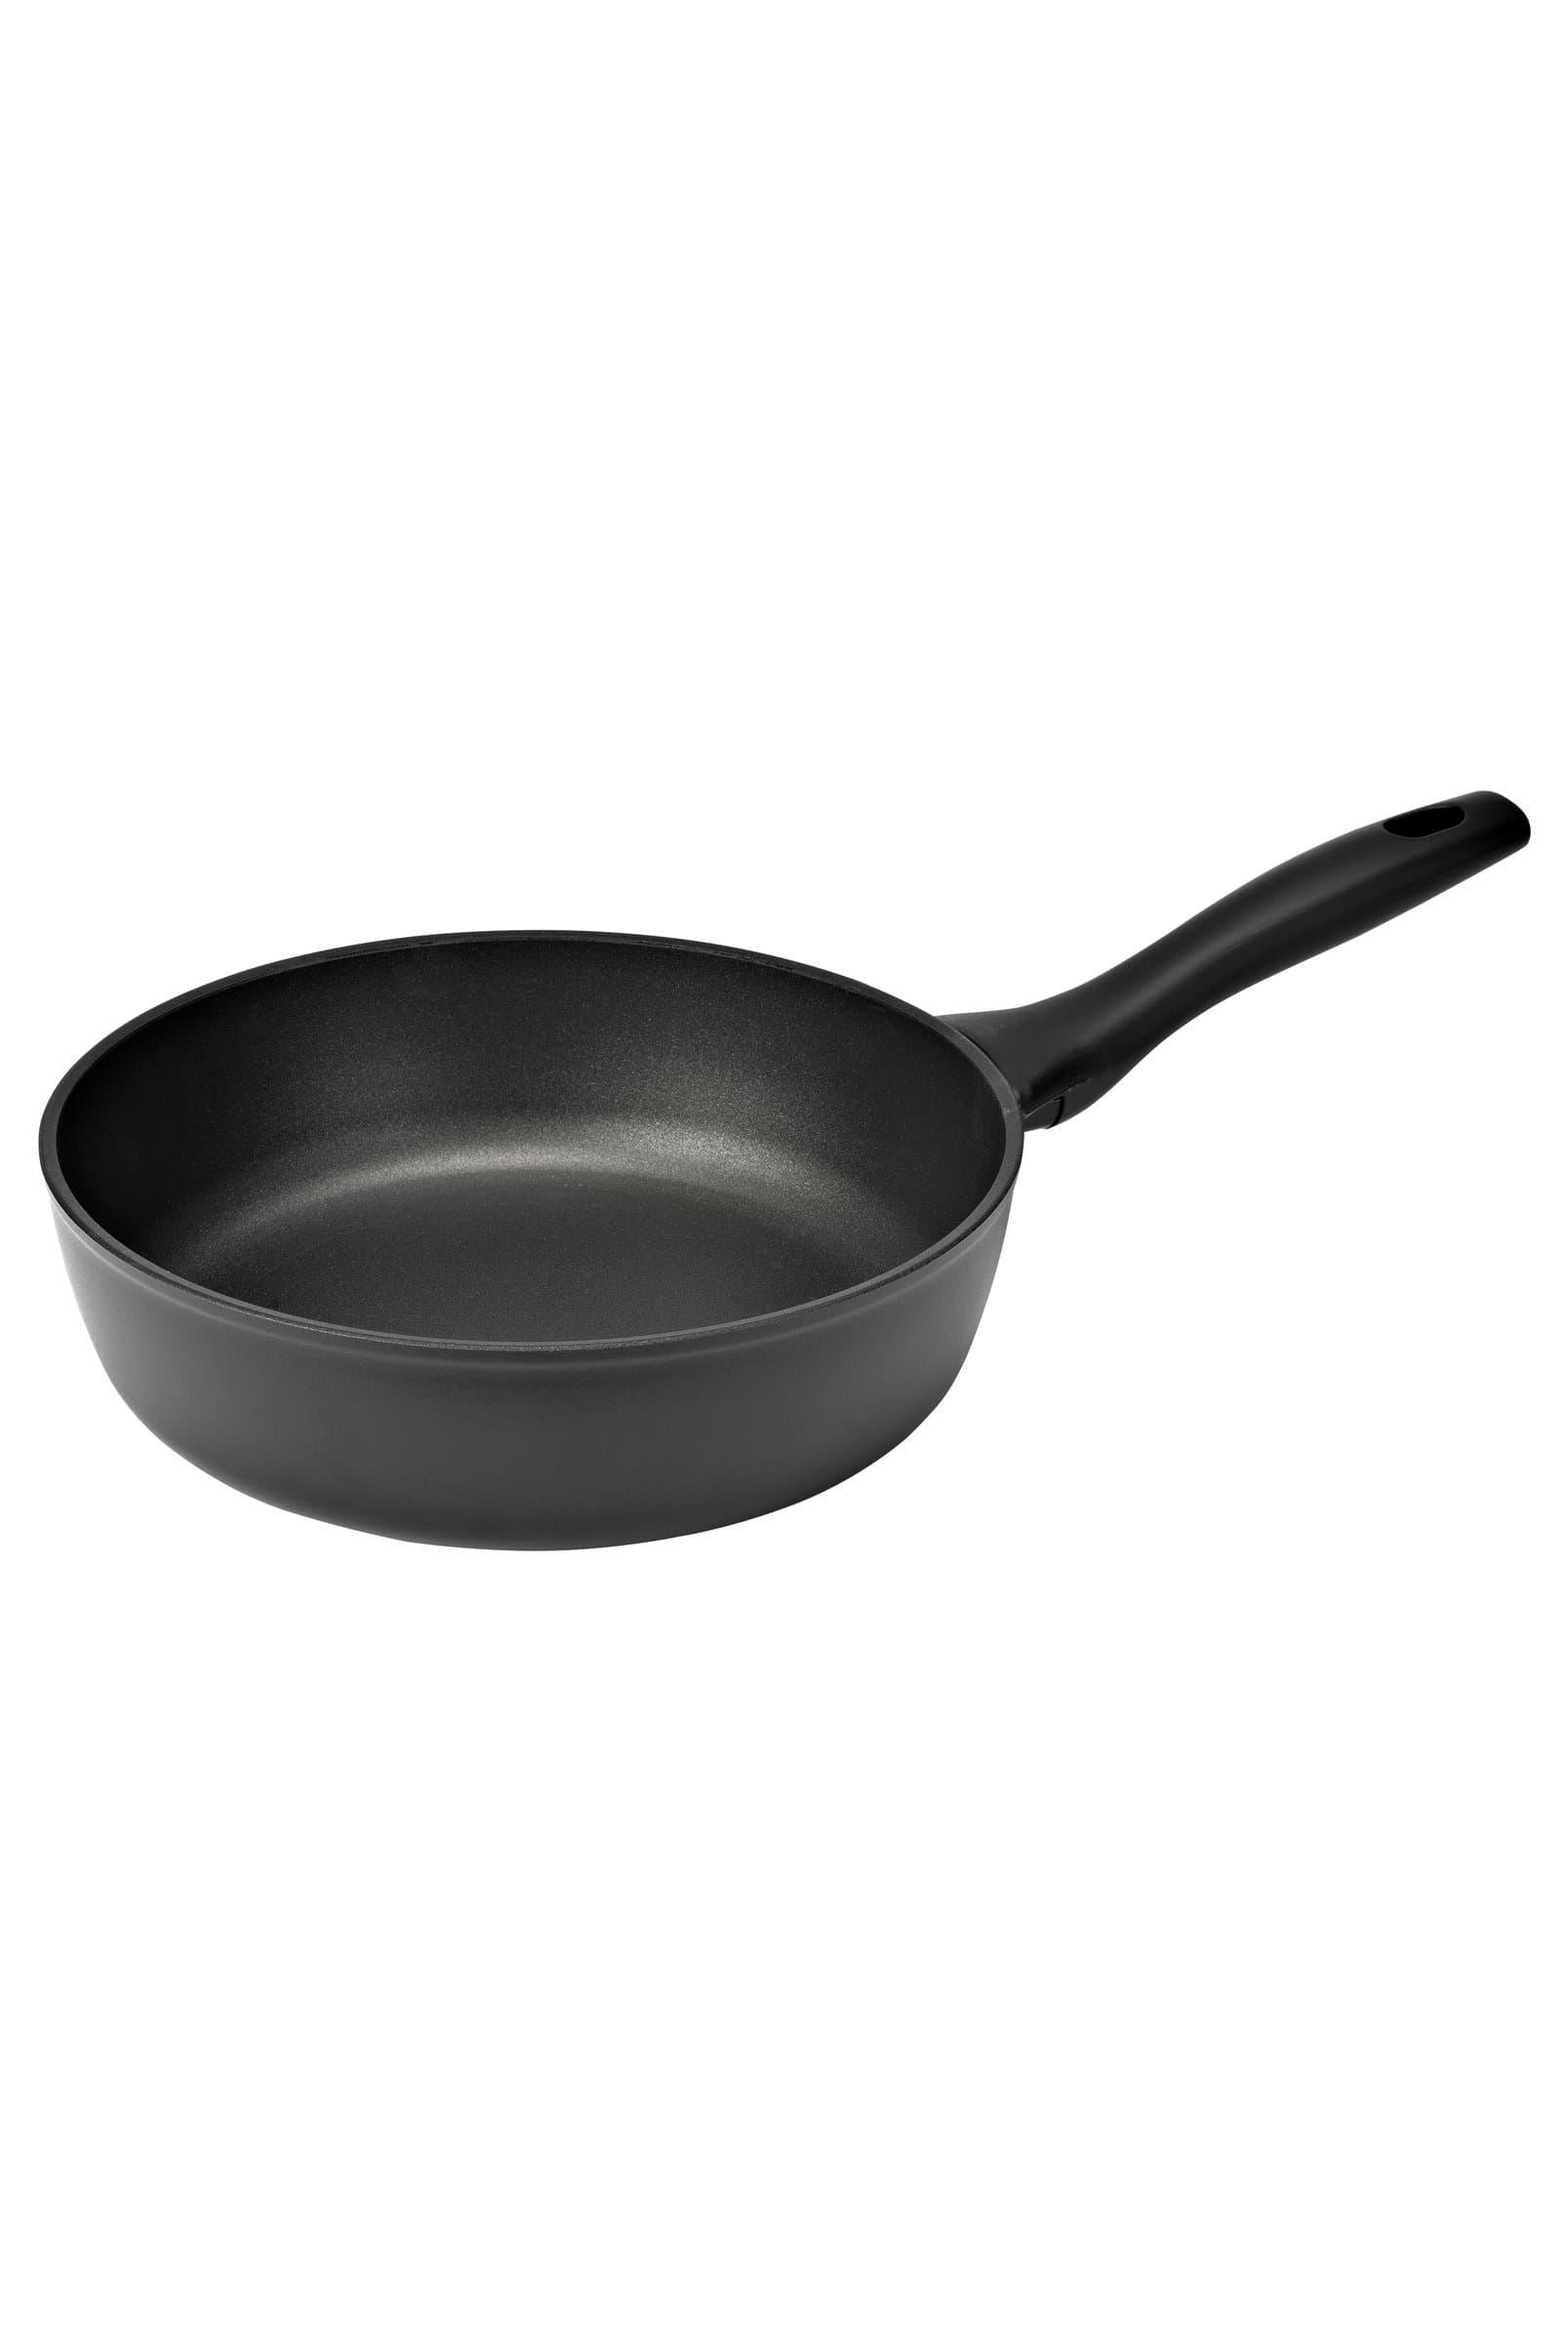 Cucina & Tavola TITAN Bratpfanne hoch